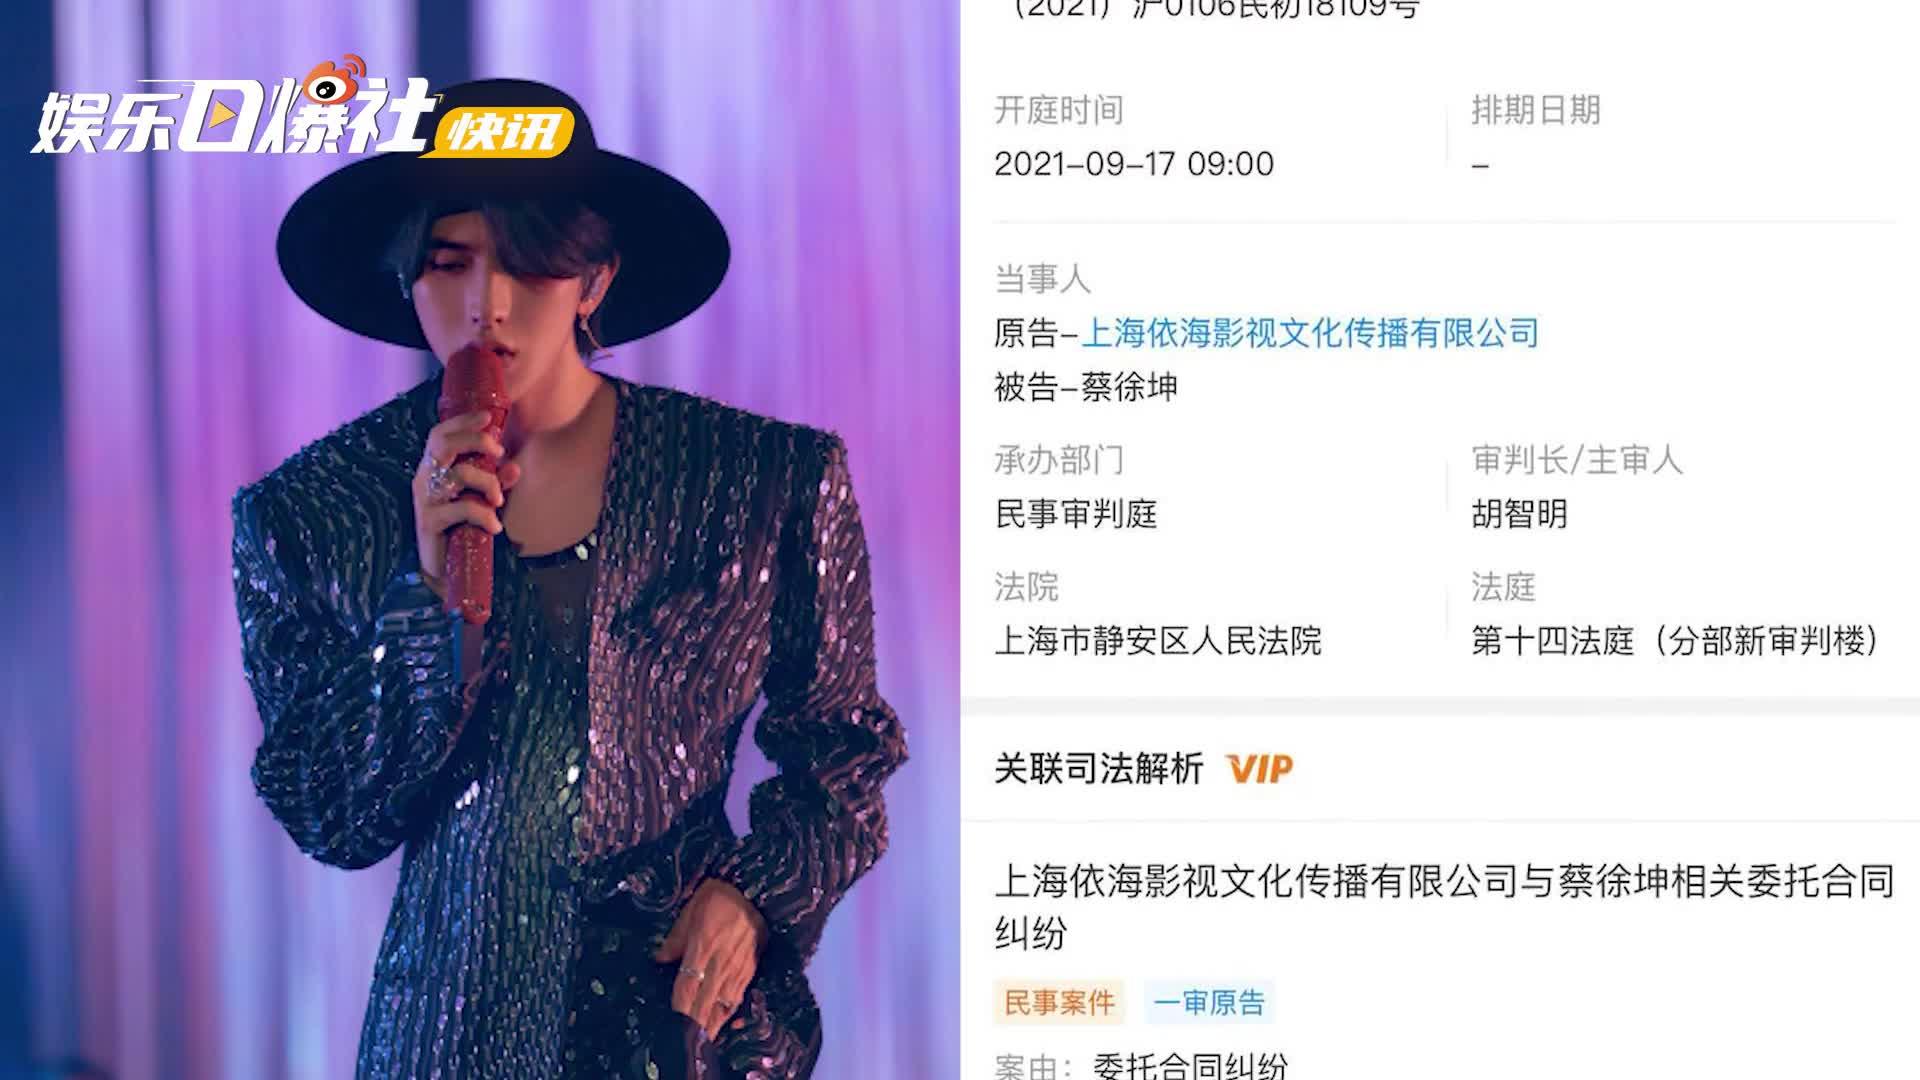 视频:蔡徐坤被前经纪公司起诉索赔 下月将迎二次开庭